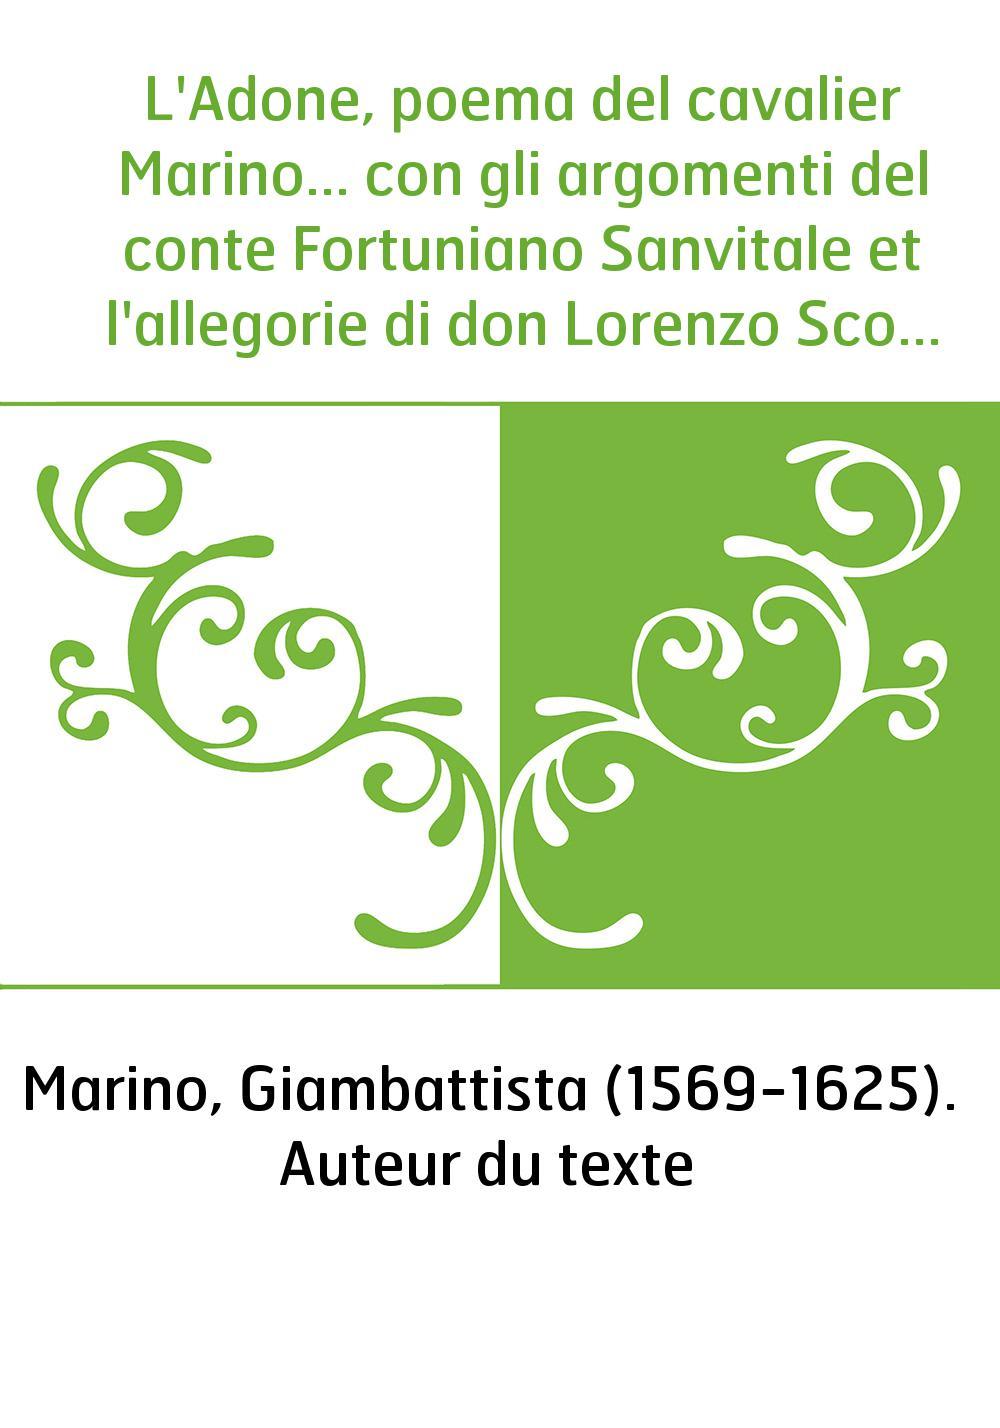 L'Adone, poema del cavalier Marino... con gli argomenti del conte Fortuniano Sanvitale et l'allegorie di don Lorenzo Scoto. [Pré